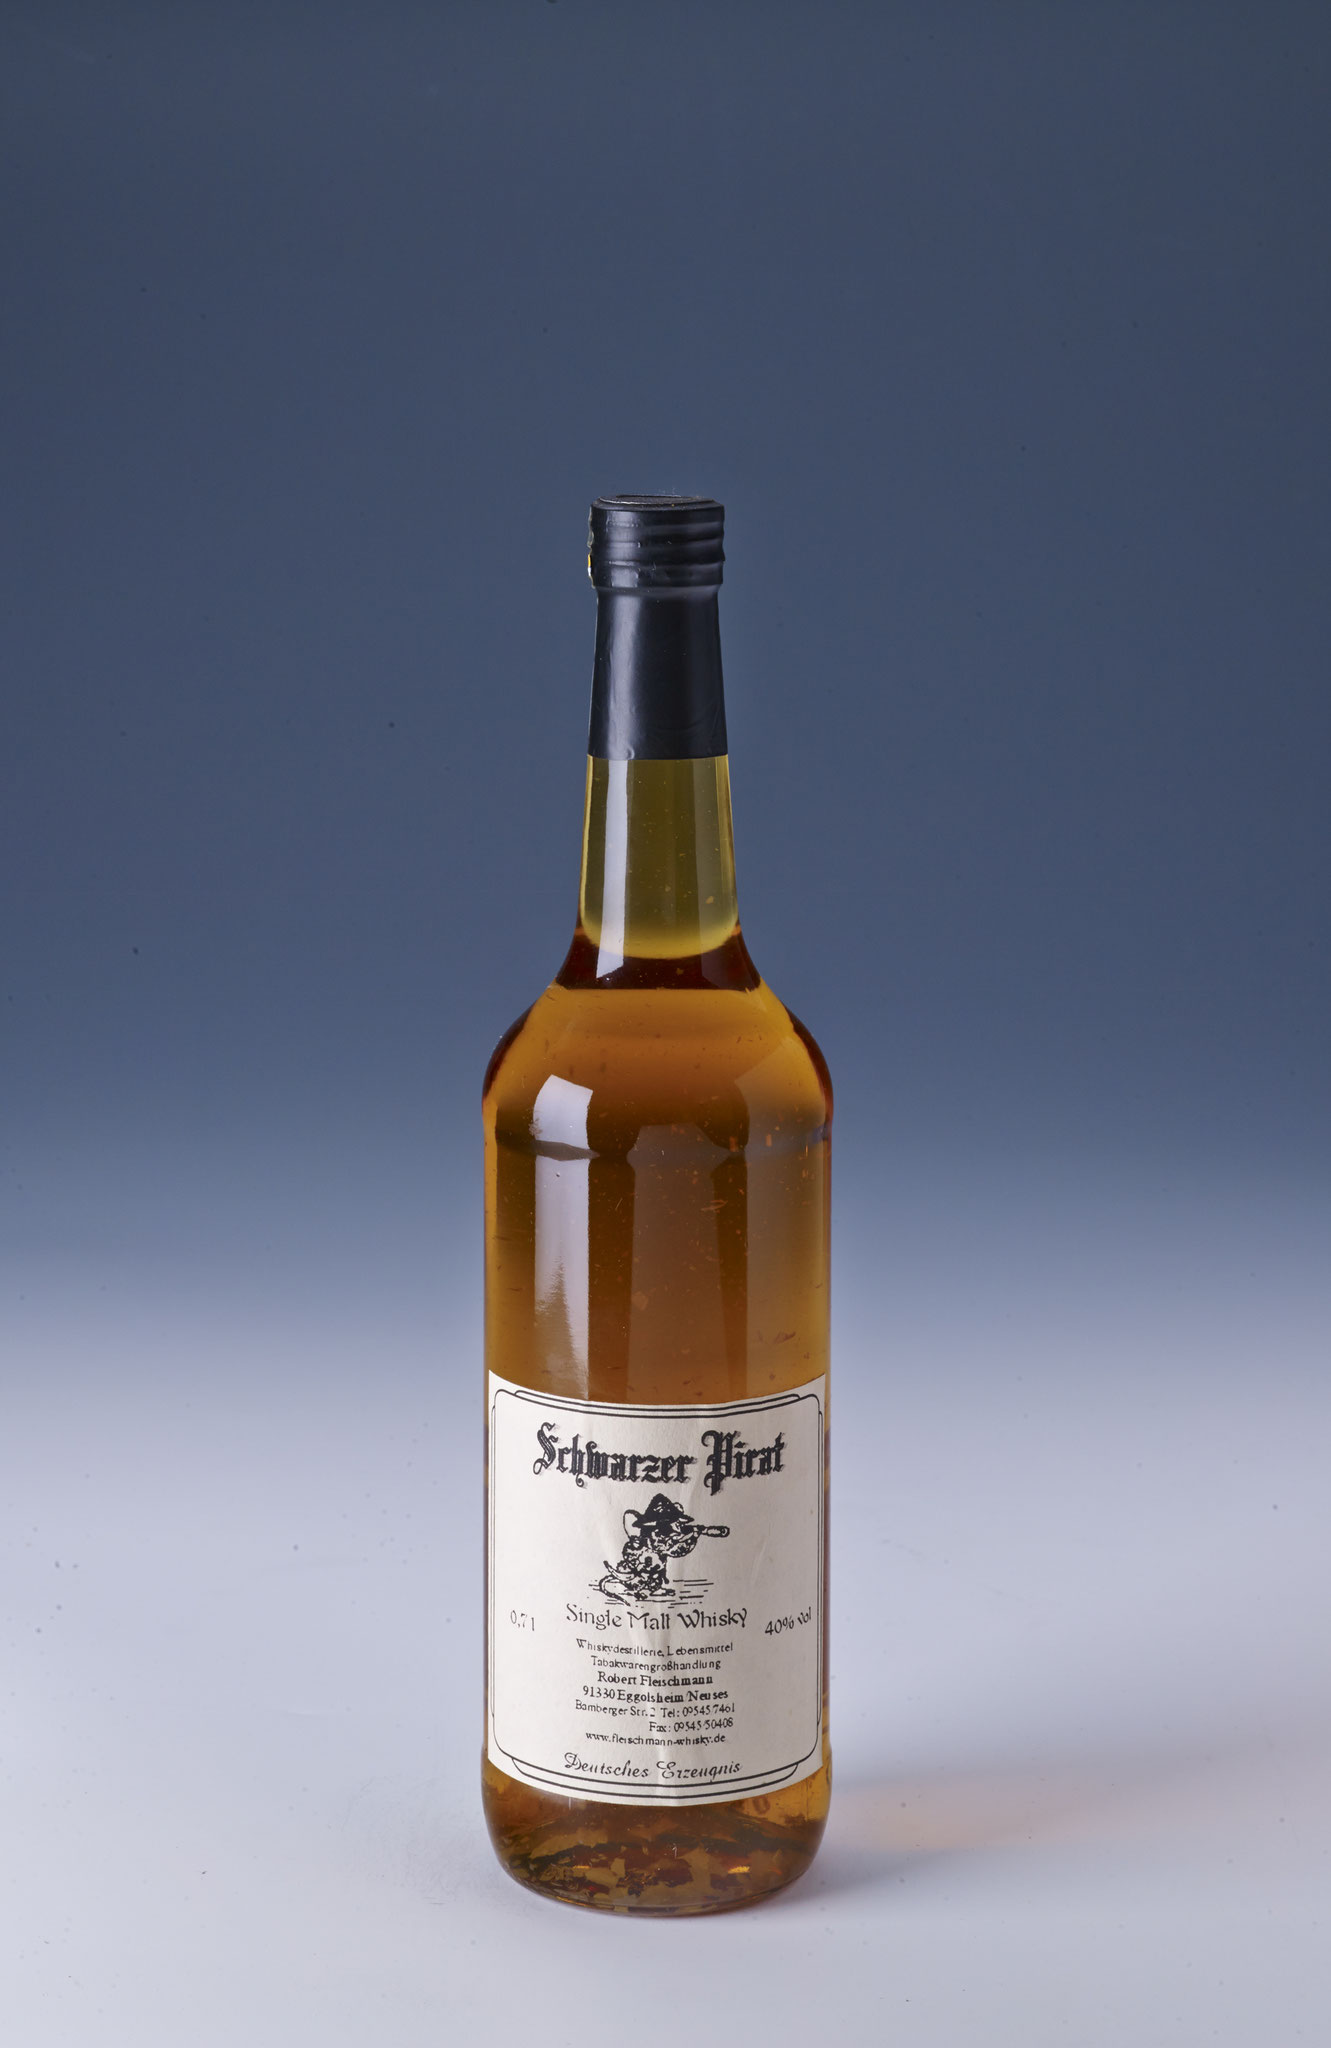 Blaue Maus Whiskydestillerie, Eggolsheim-Neuses